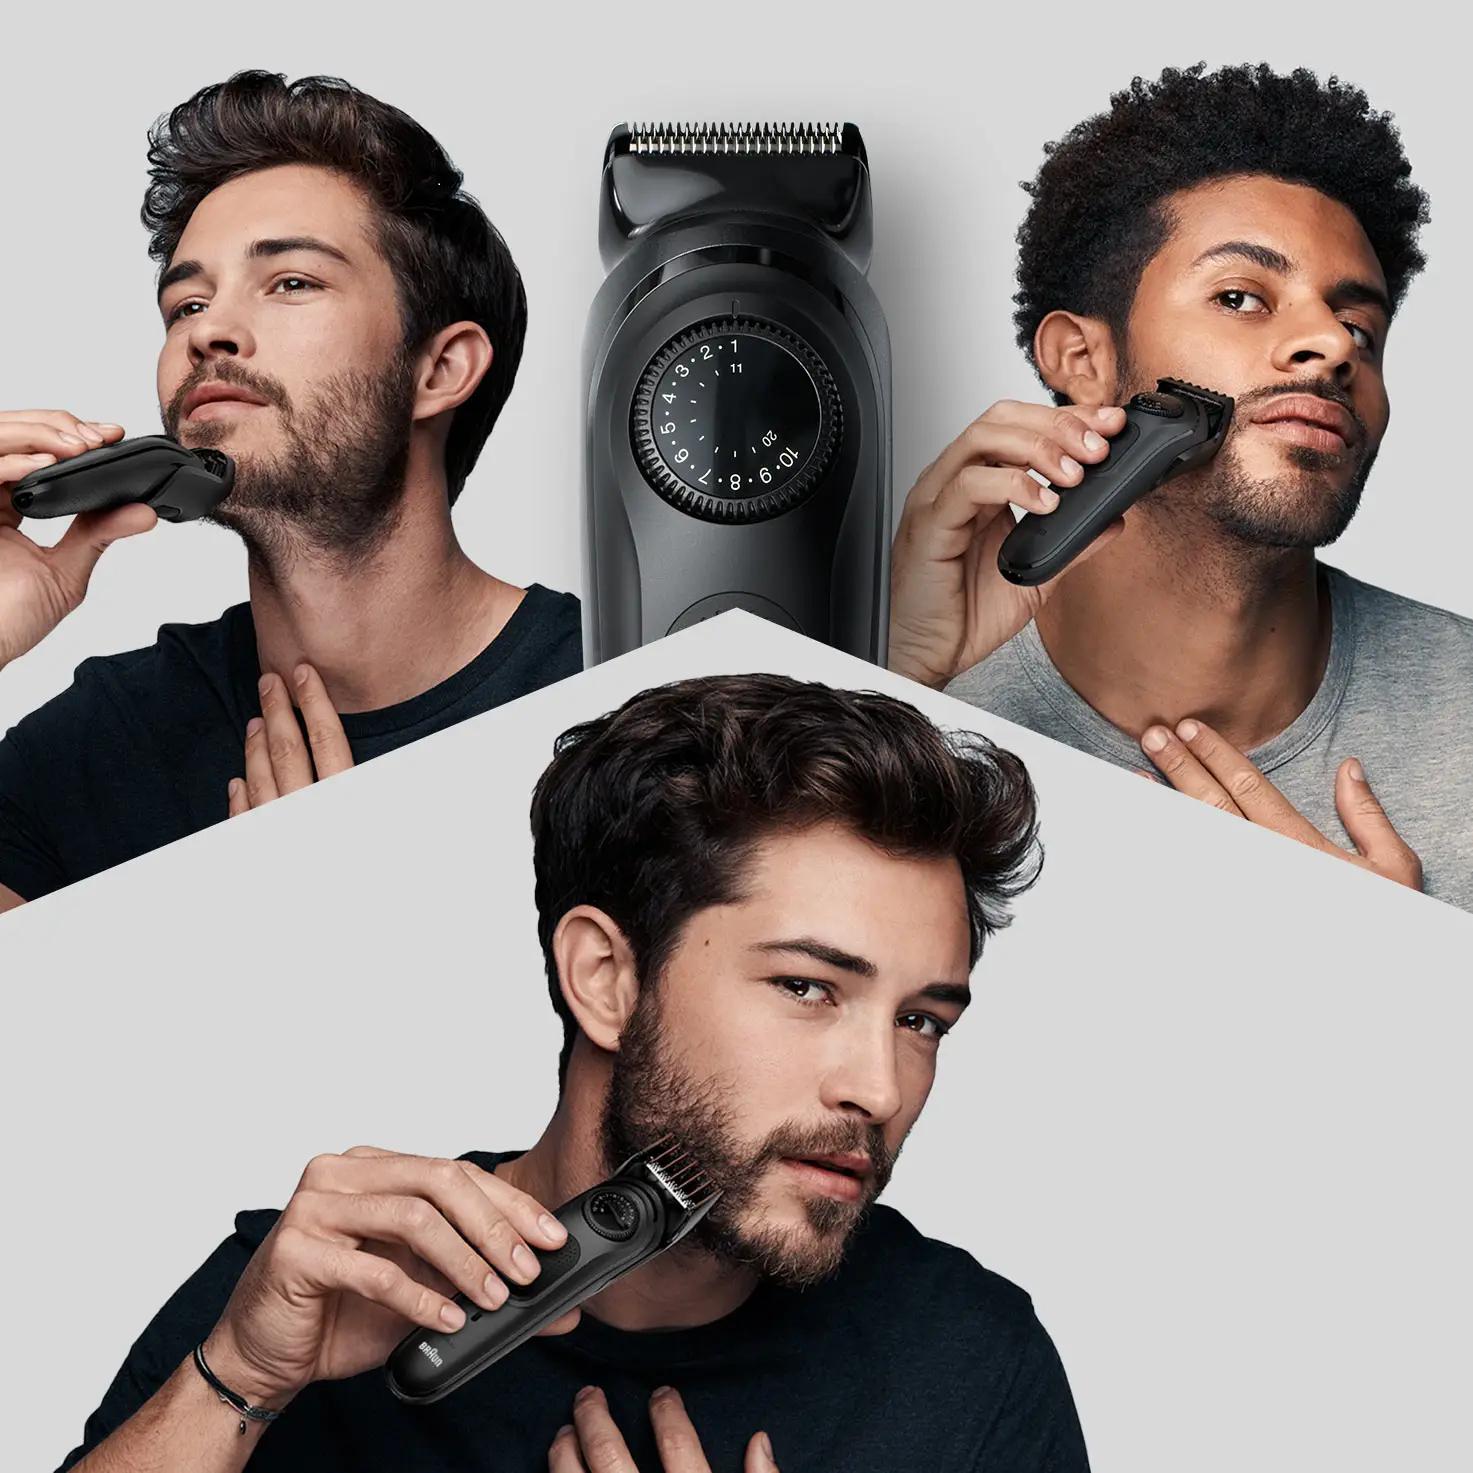 60e6be269c05b - Як створити стильний чоловічий образ з тримерами для бороди Braun